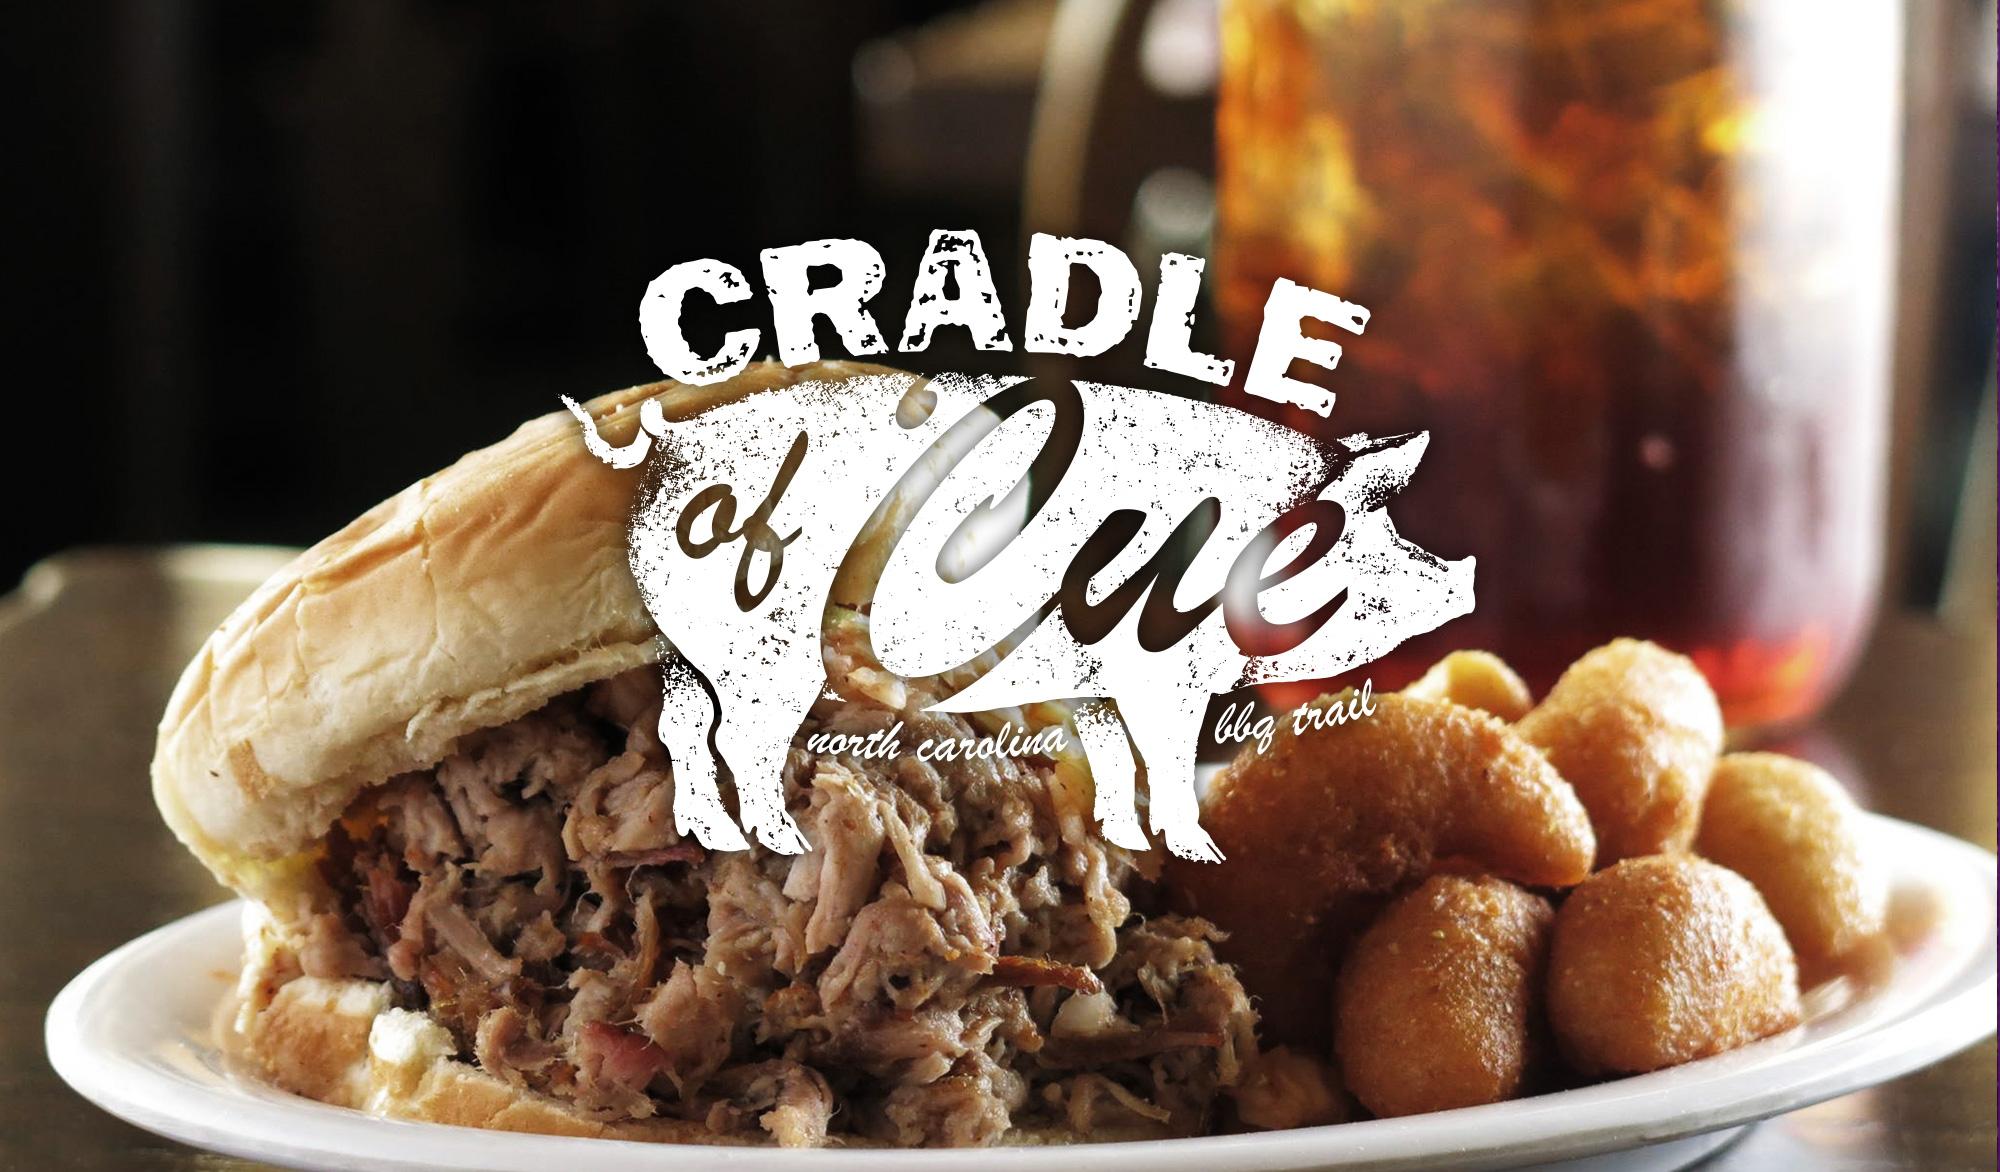 Cradle of 'Cue